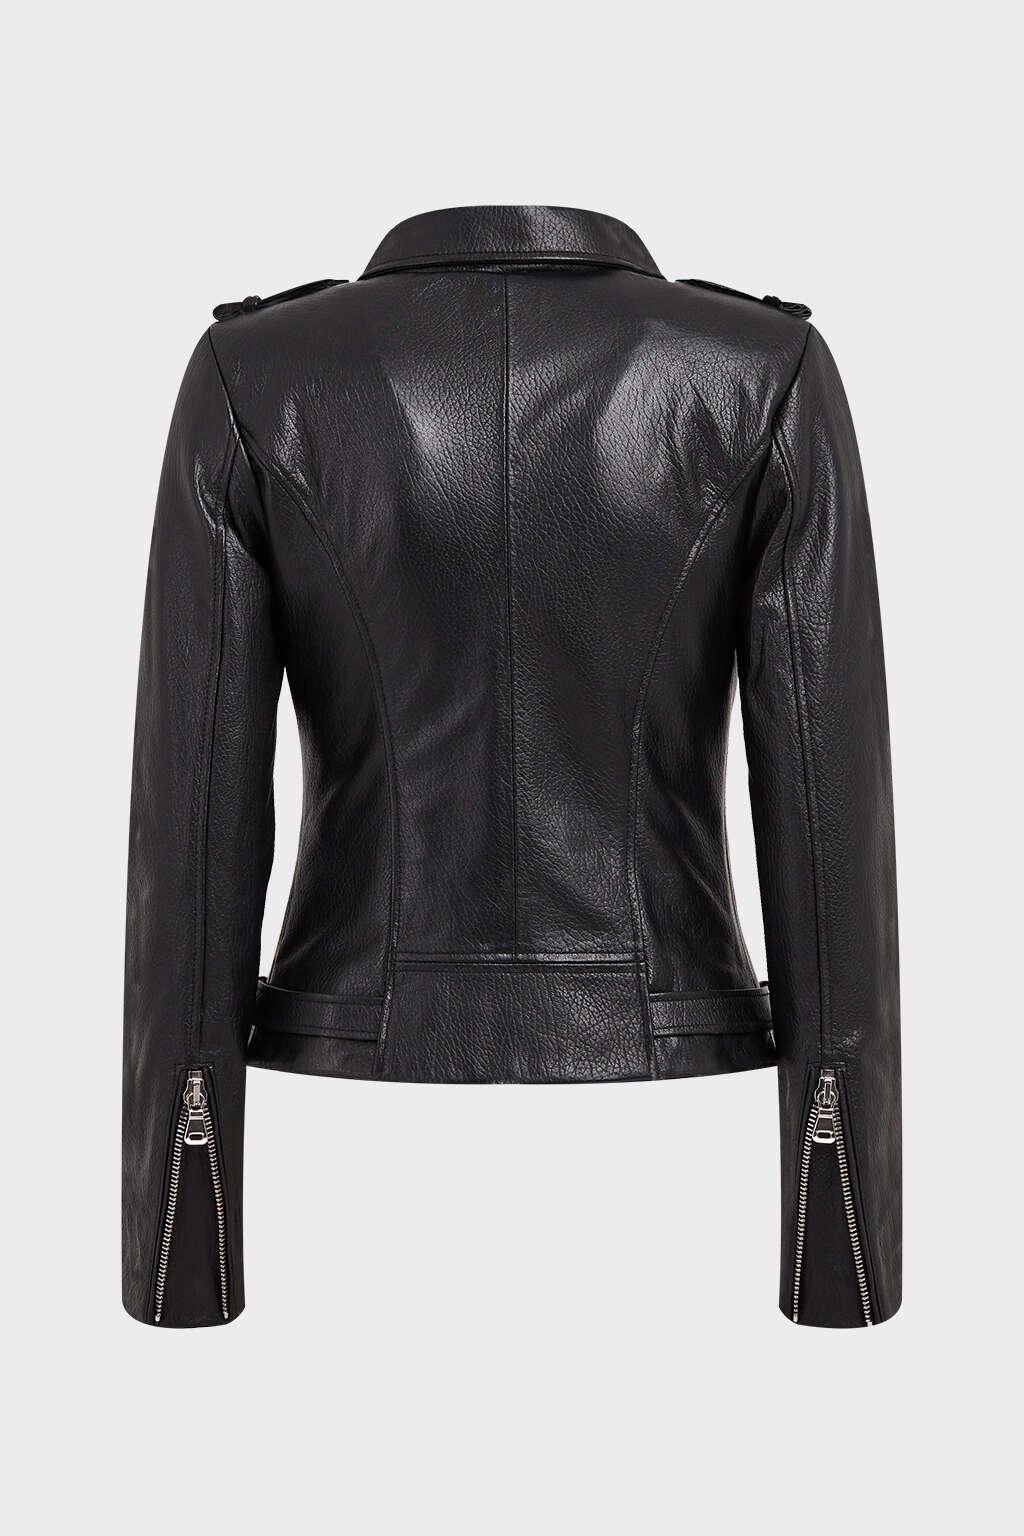 Back of Black Collared Biker Leather Jacket